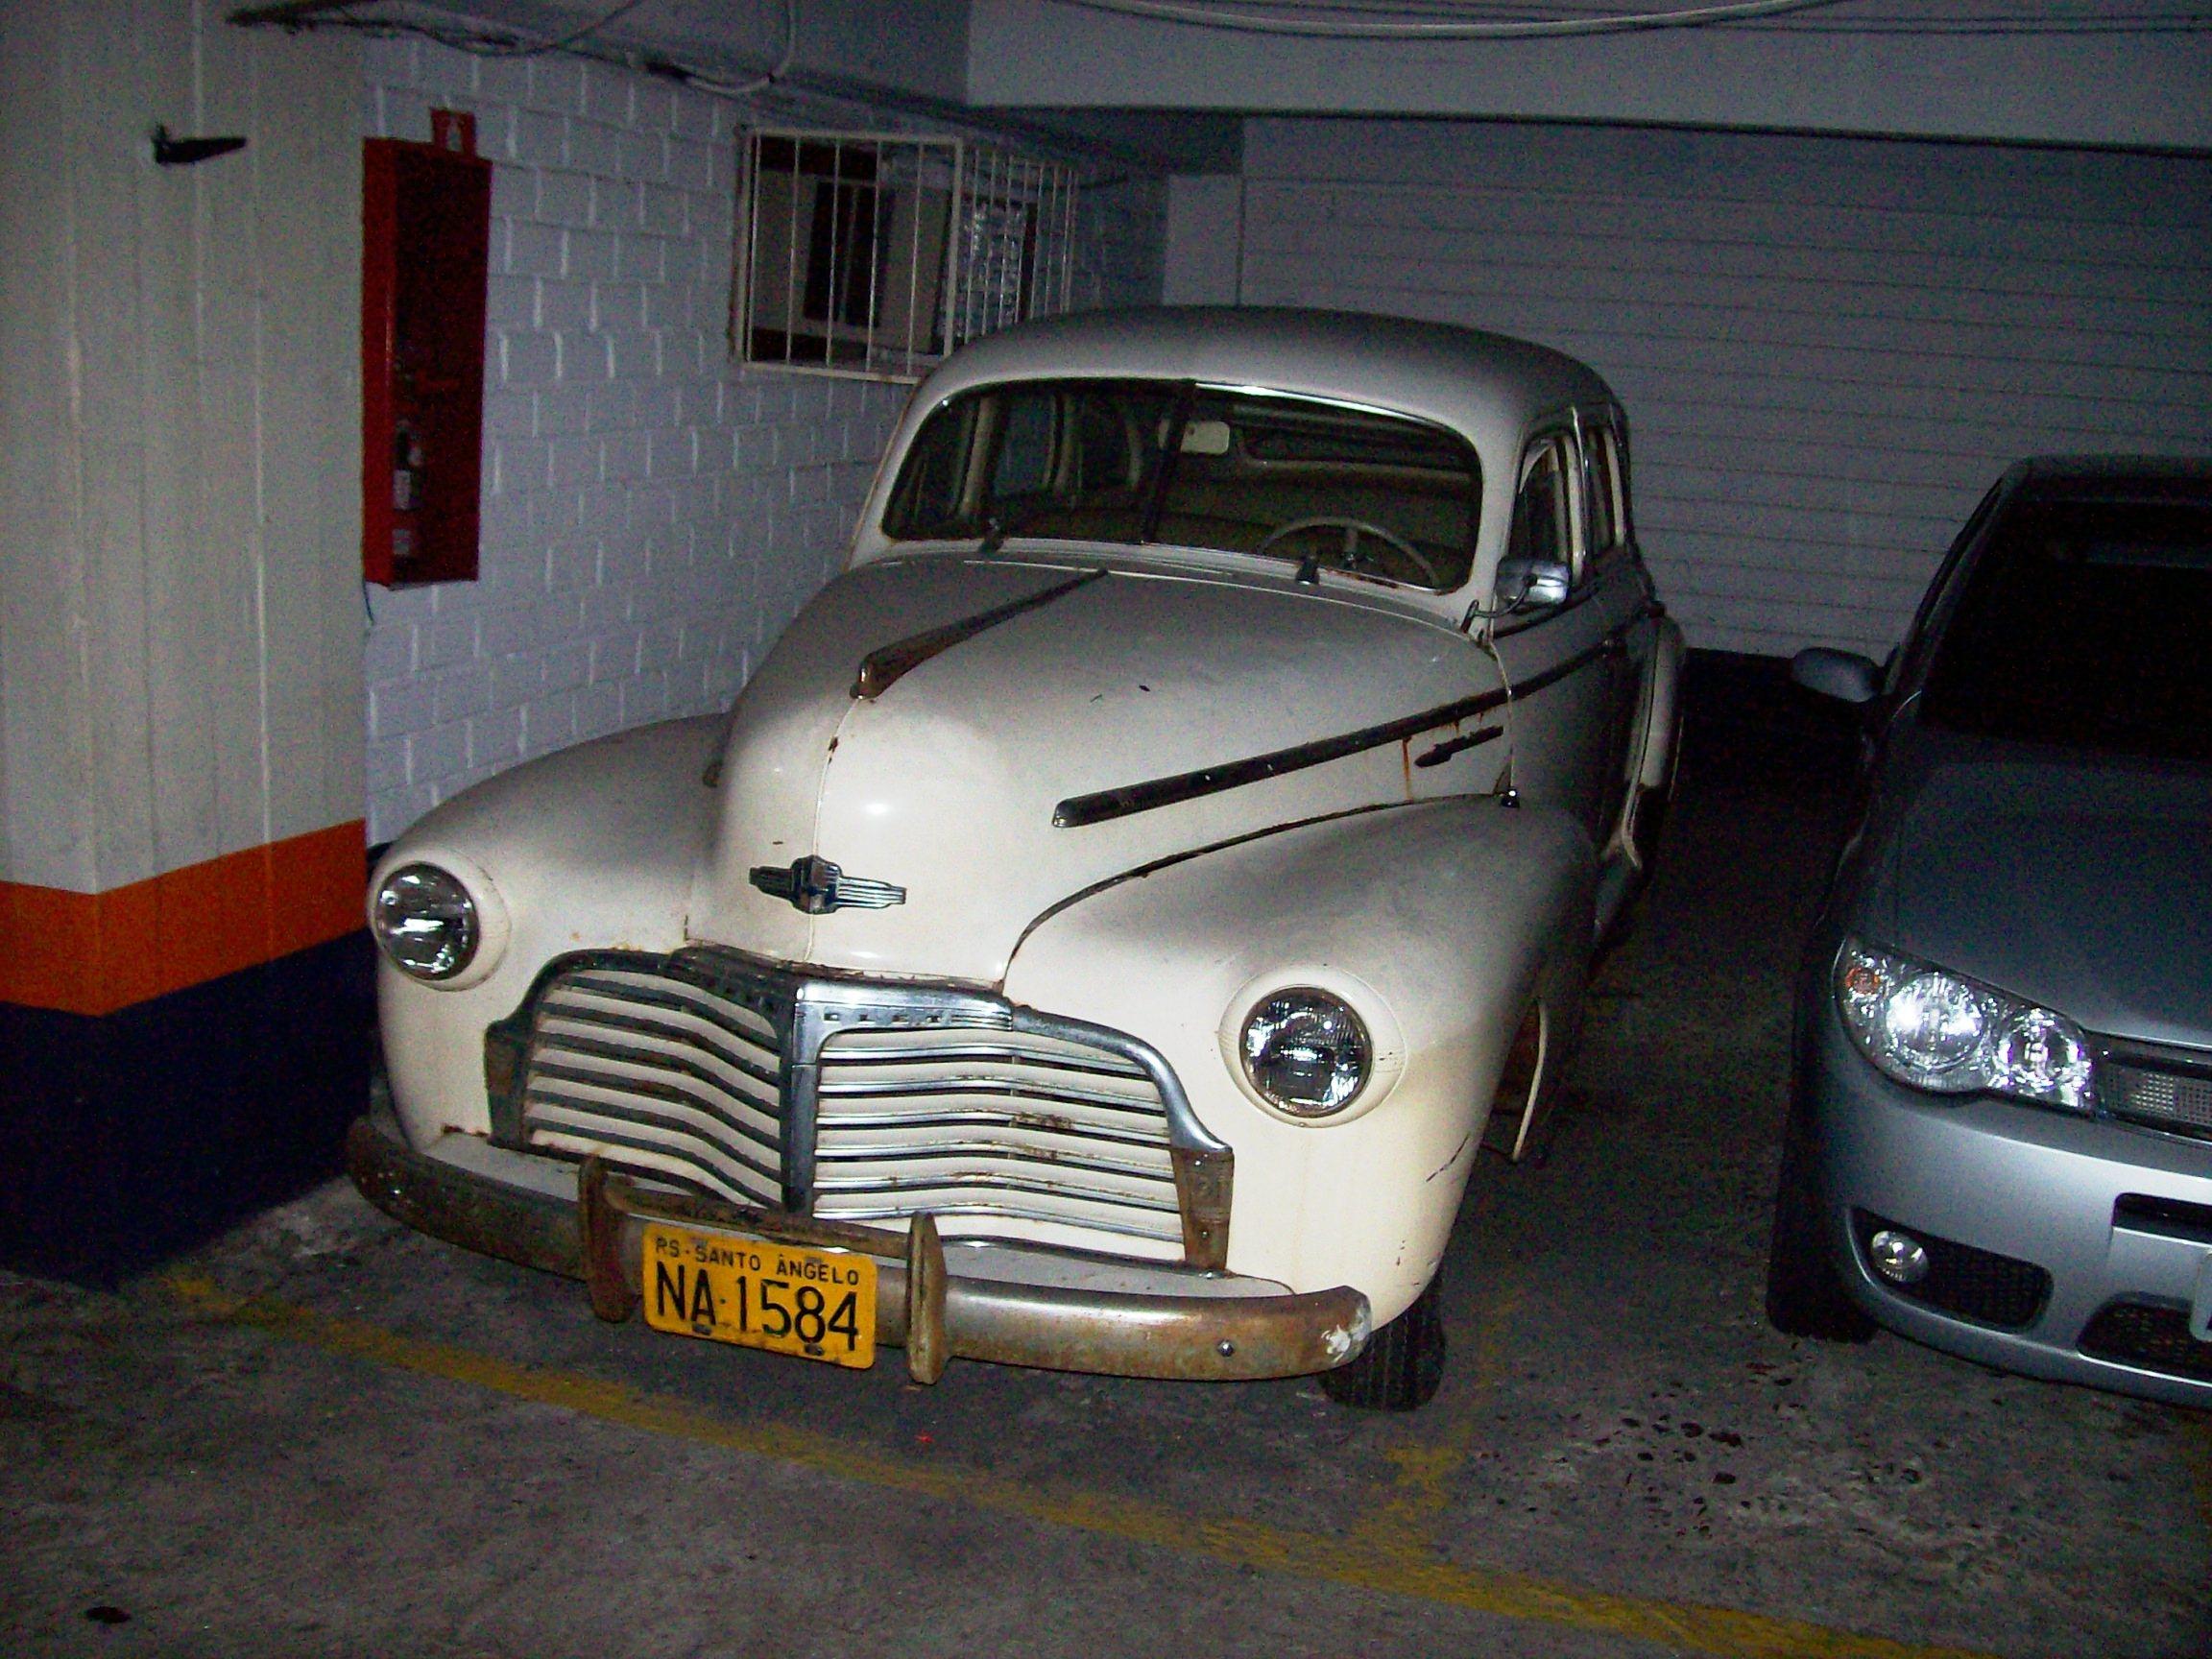 ualexandre-chevrolet-special-de-luxe-1946 Chevrolet Special de Luxe 1946